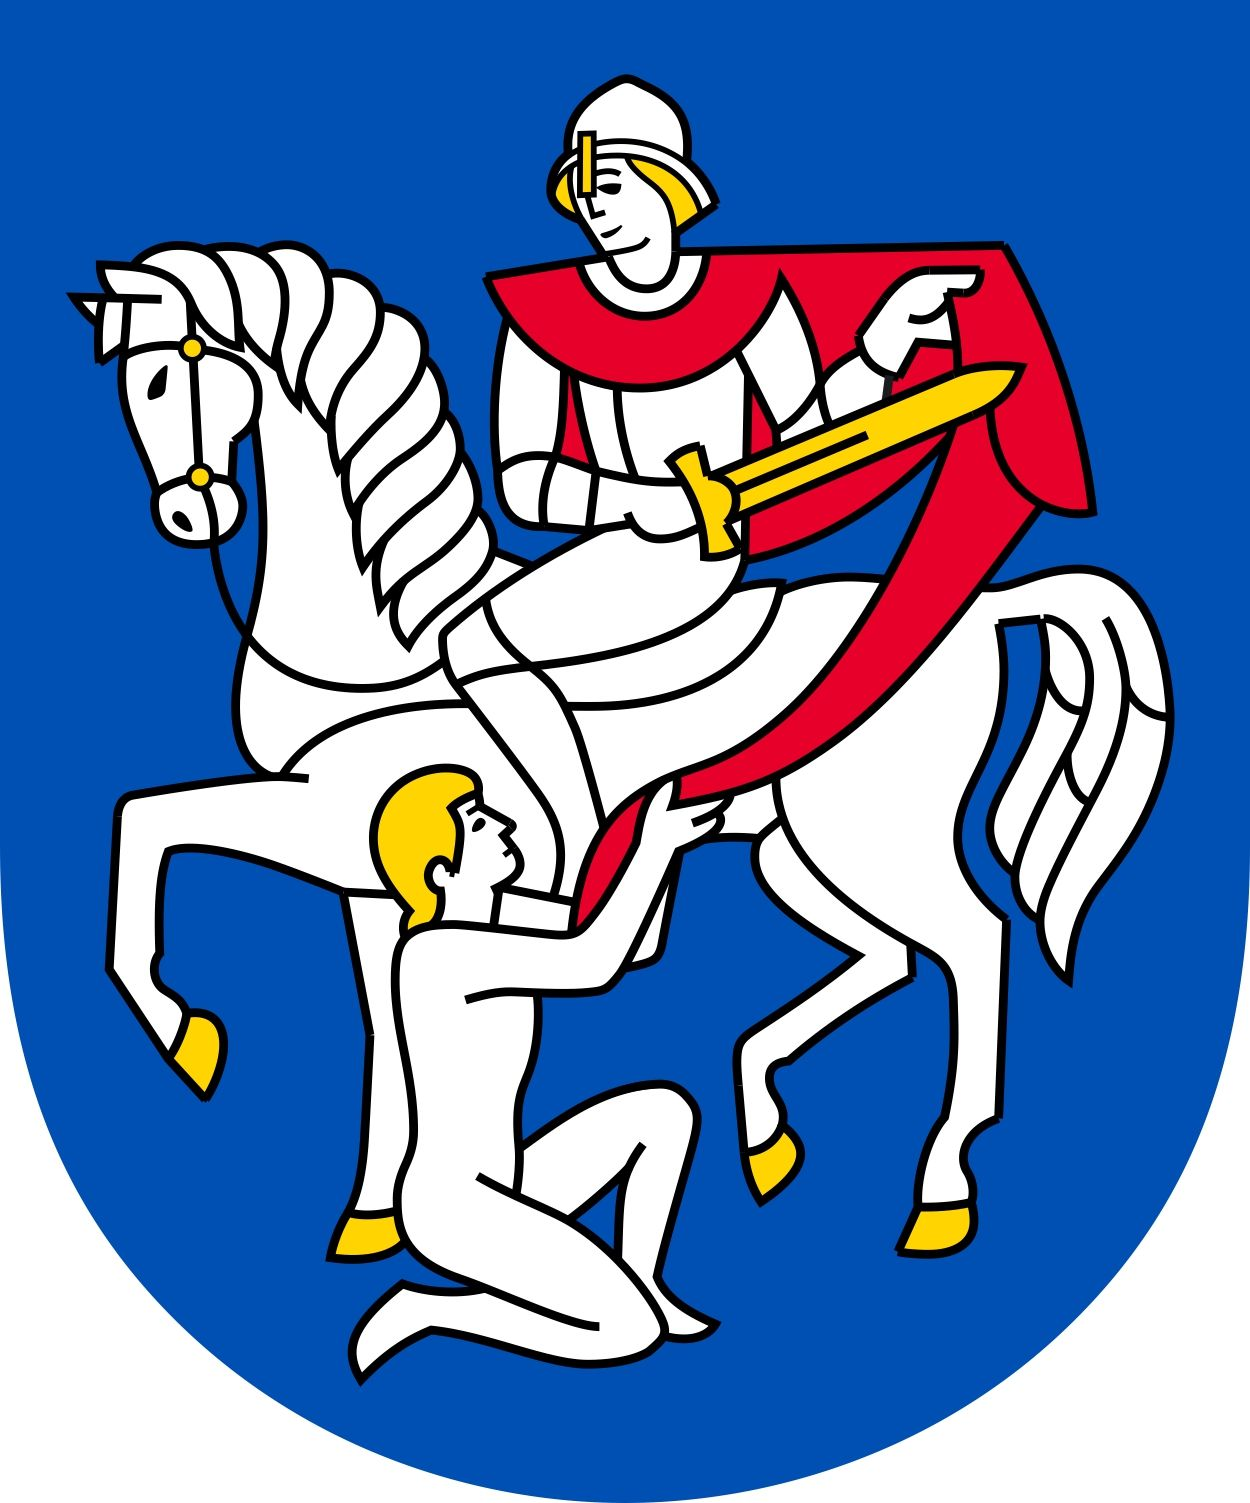 erby miest slovenska - Hľadať Googlom